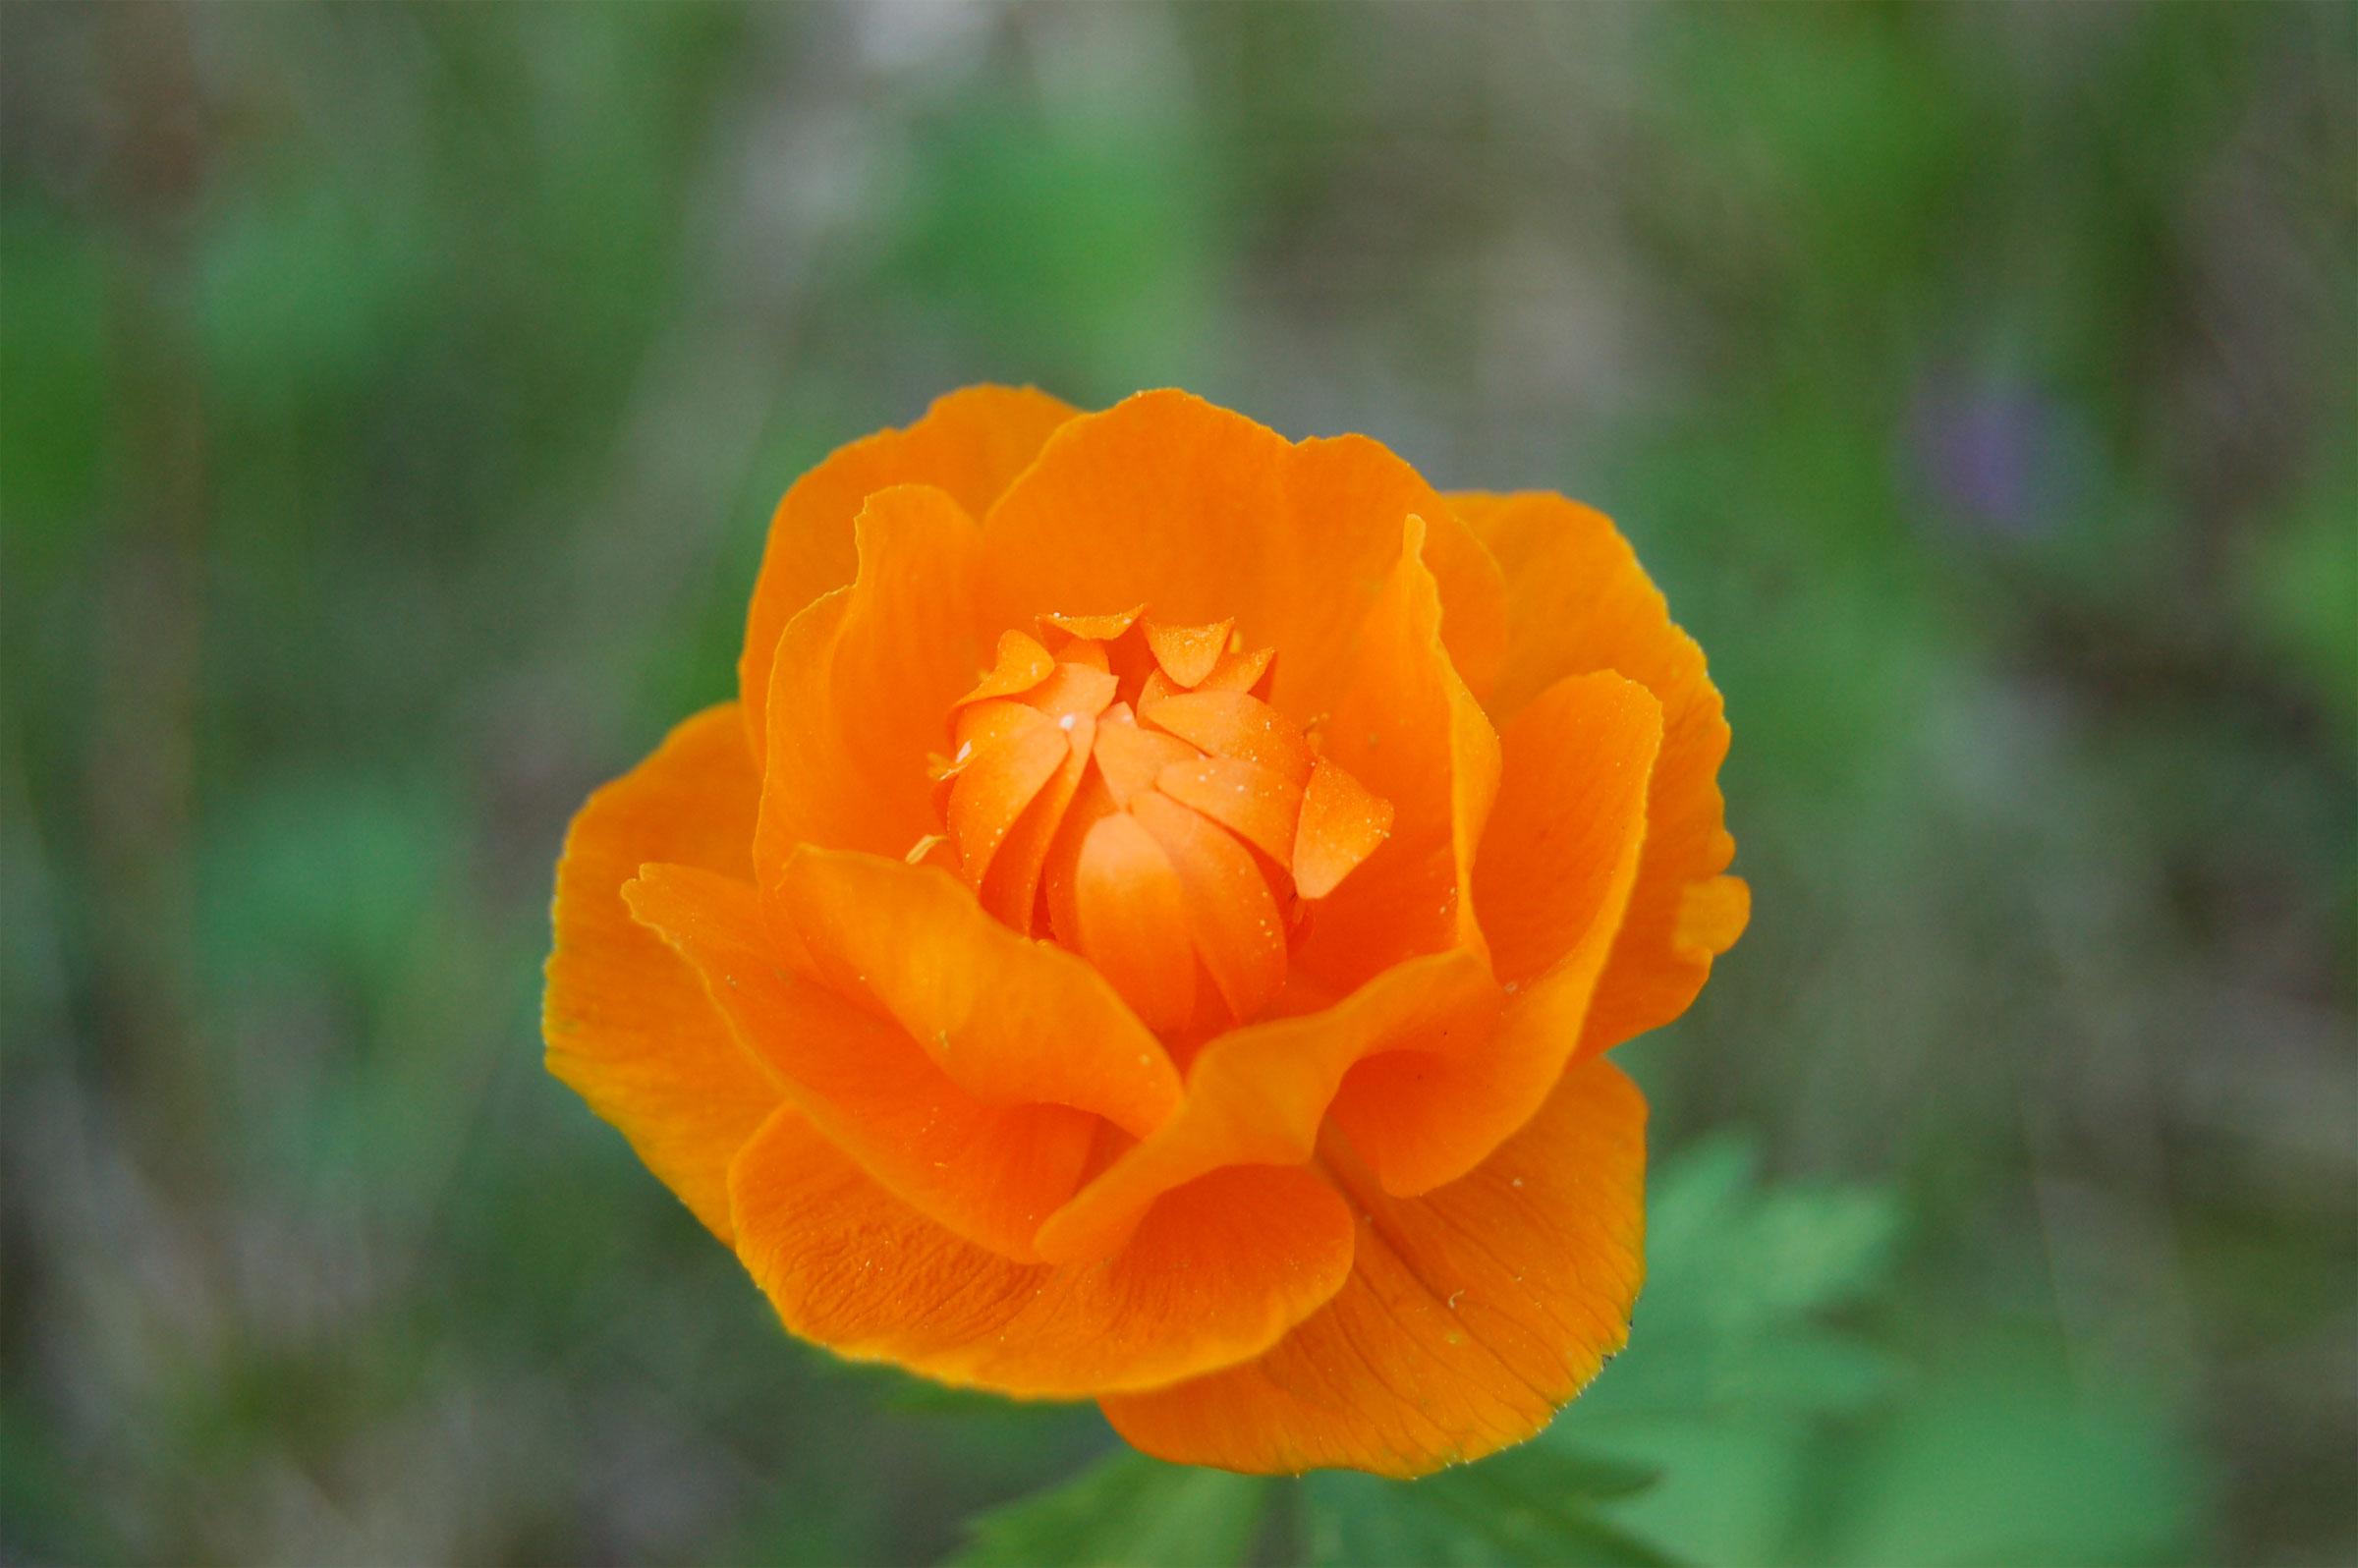 Цветок огонек в хорошем качестве